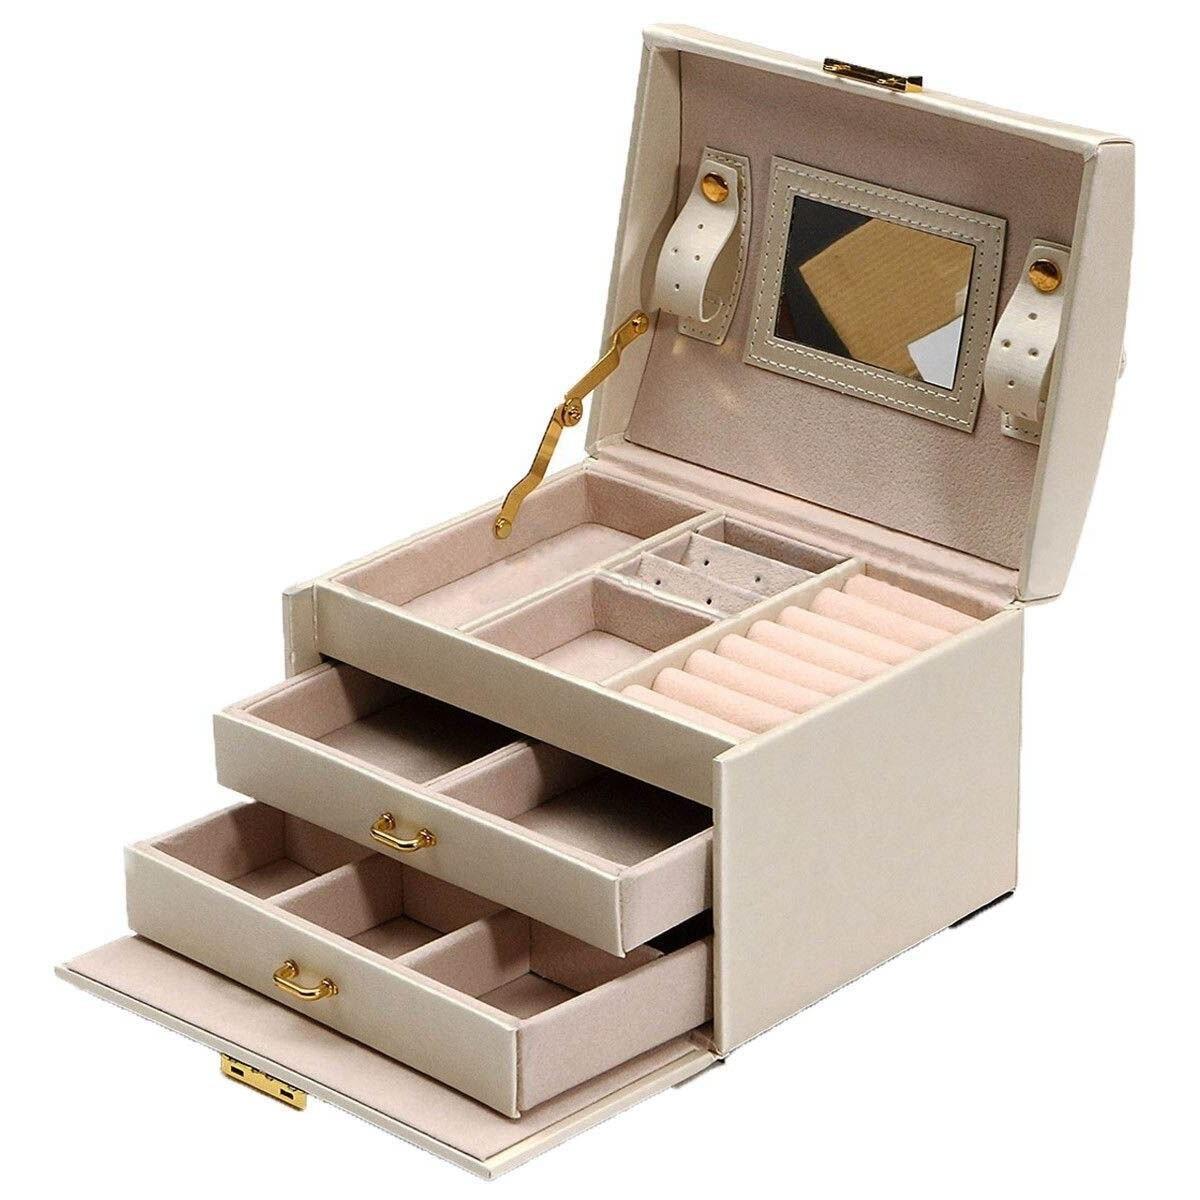 Grande de embalaje de la joyería y la caja de visualización armario vestidor pecho con cierres pulsera anillo organizador de llevar los casos